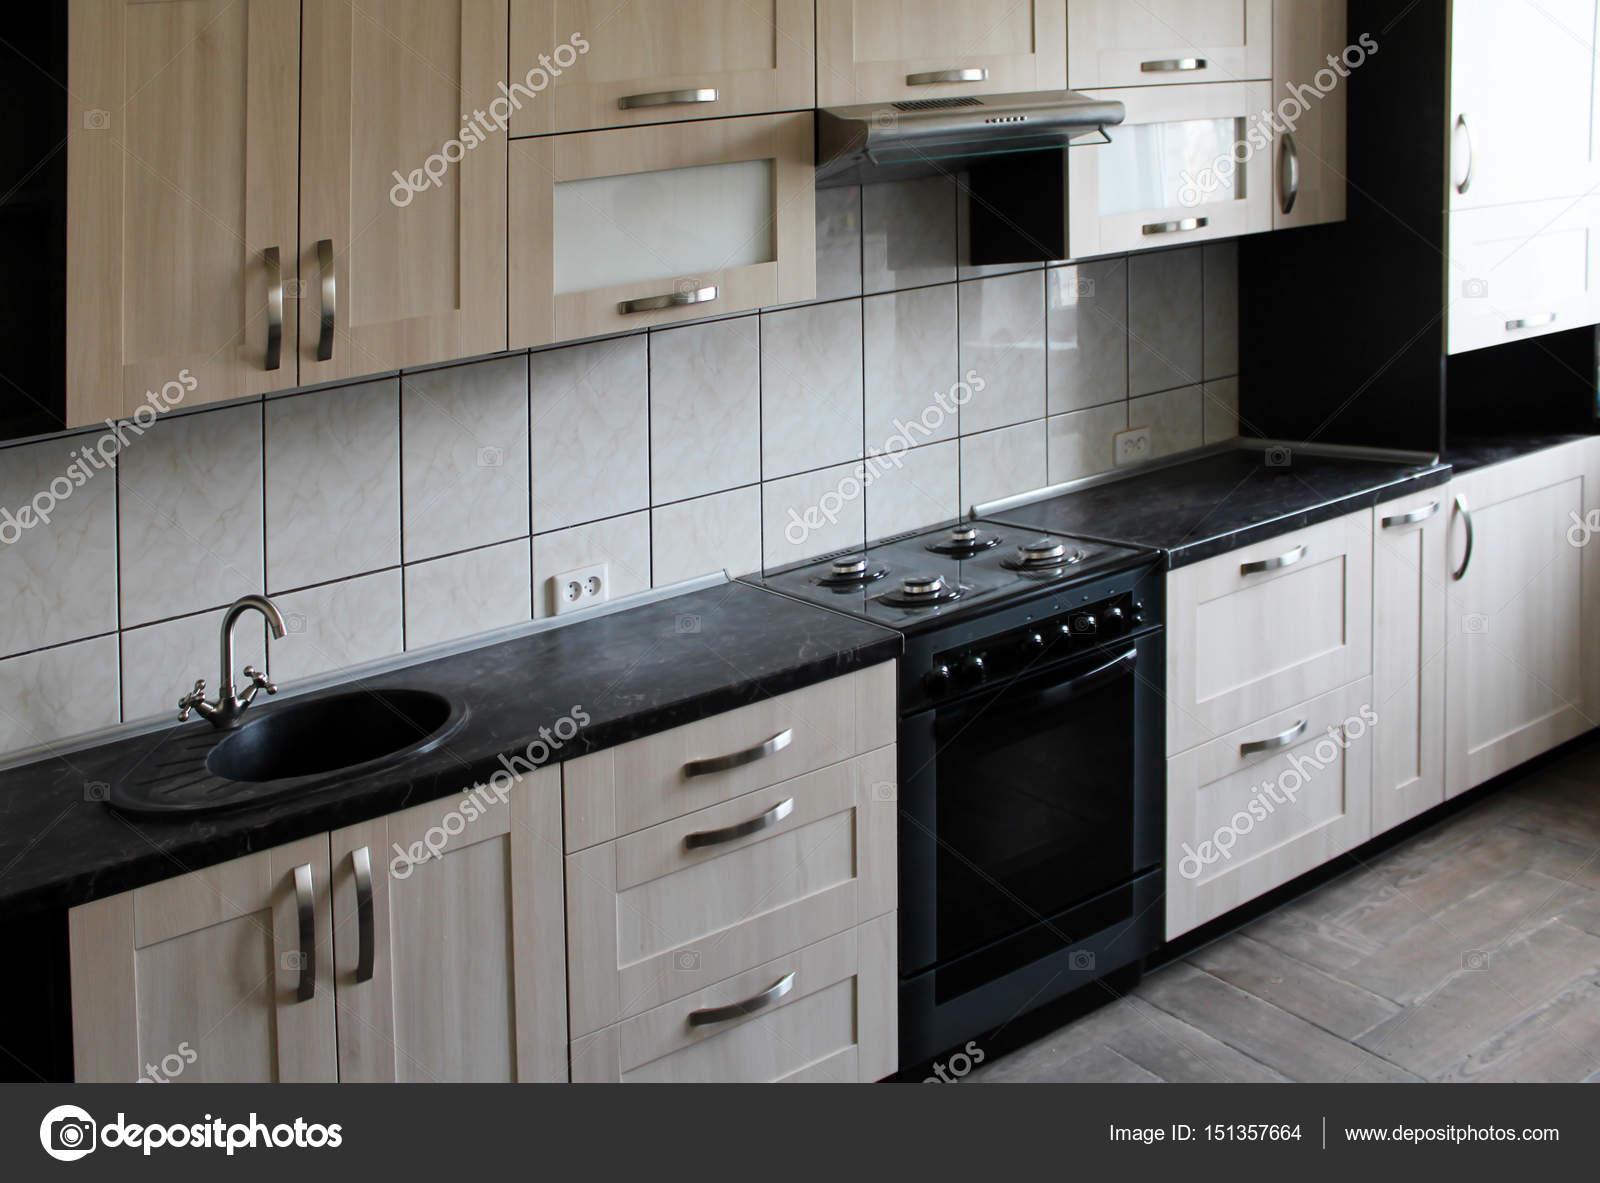 Küche Mit Schwarzen Arbeitsplatte Aus Holz. Interior Design U2014 Stockfoto